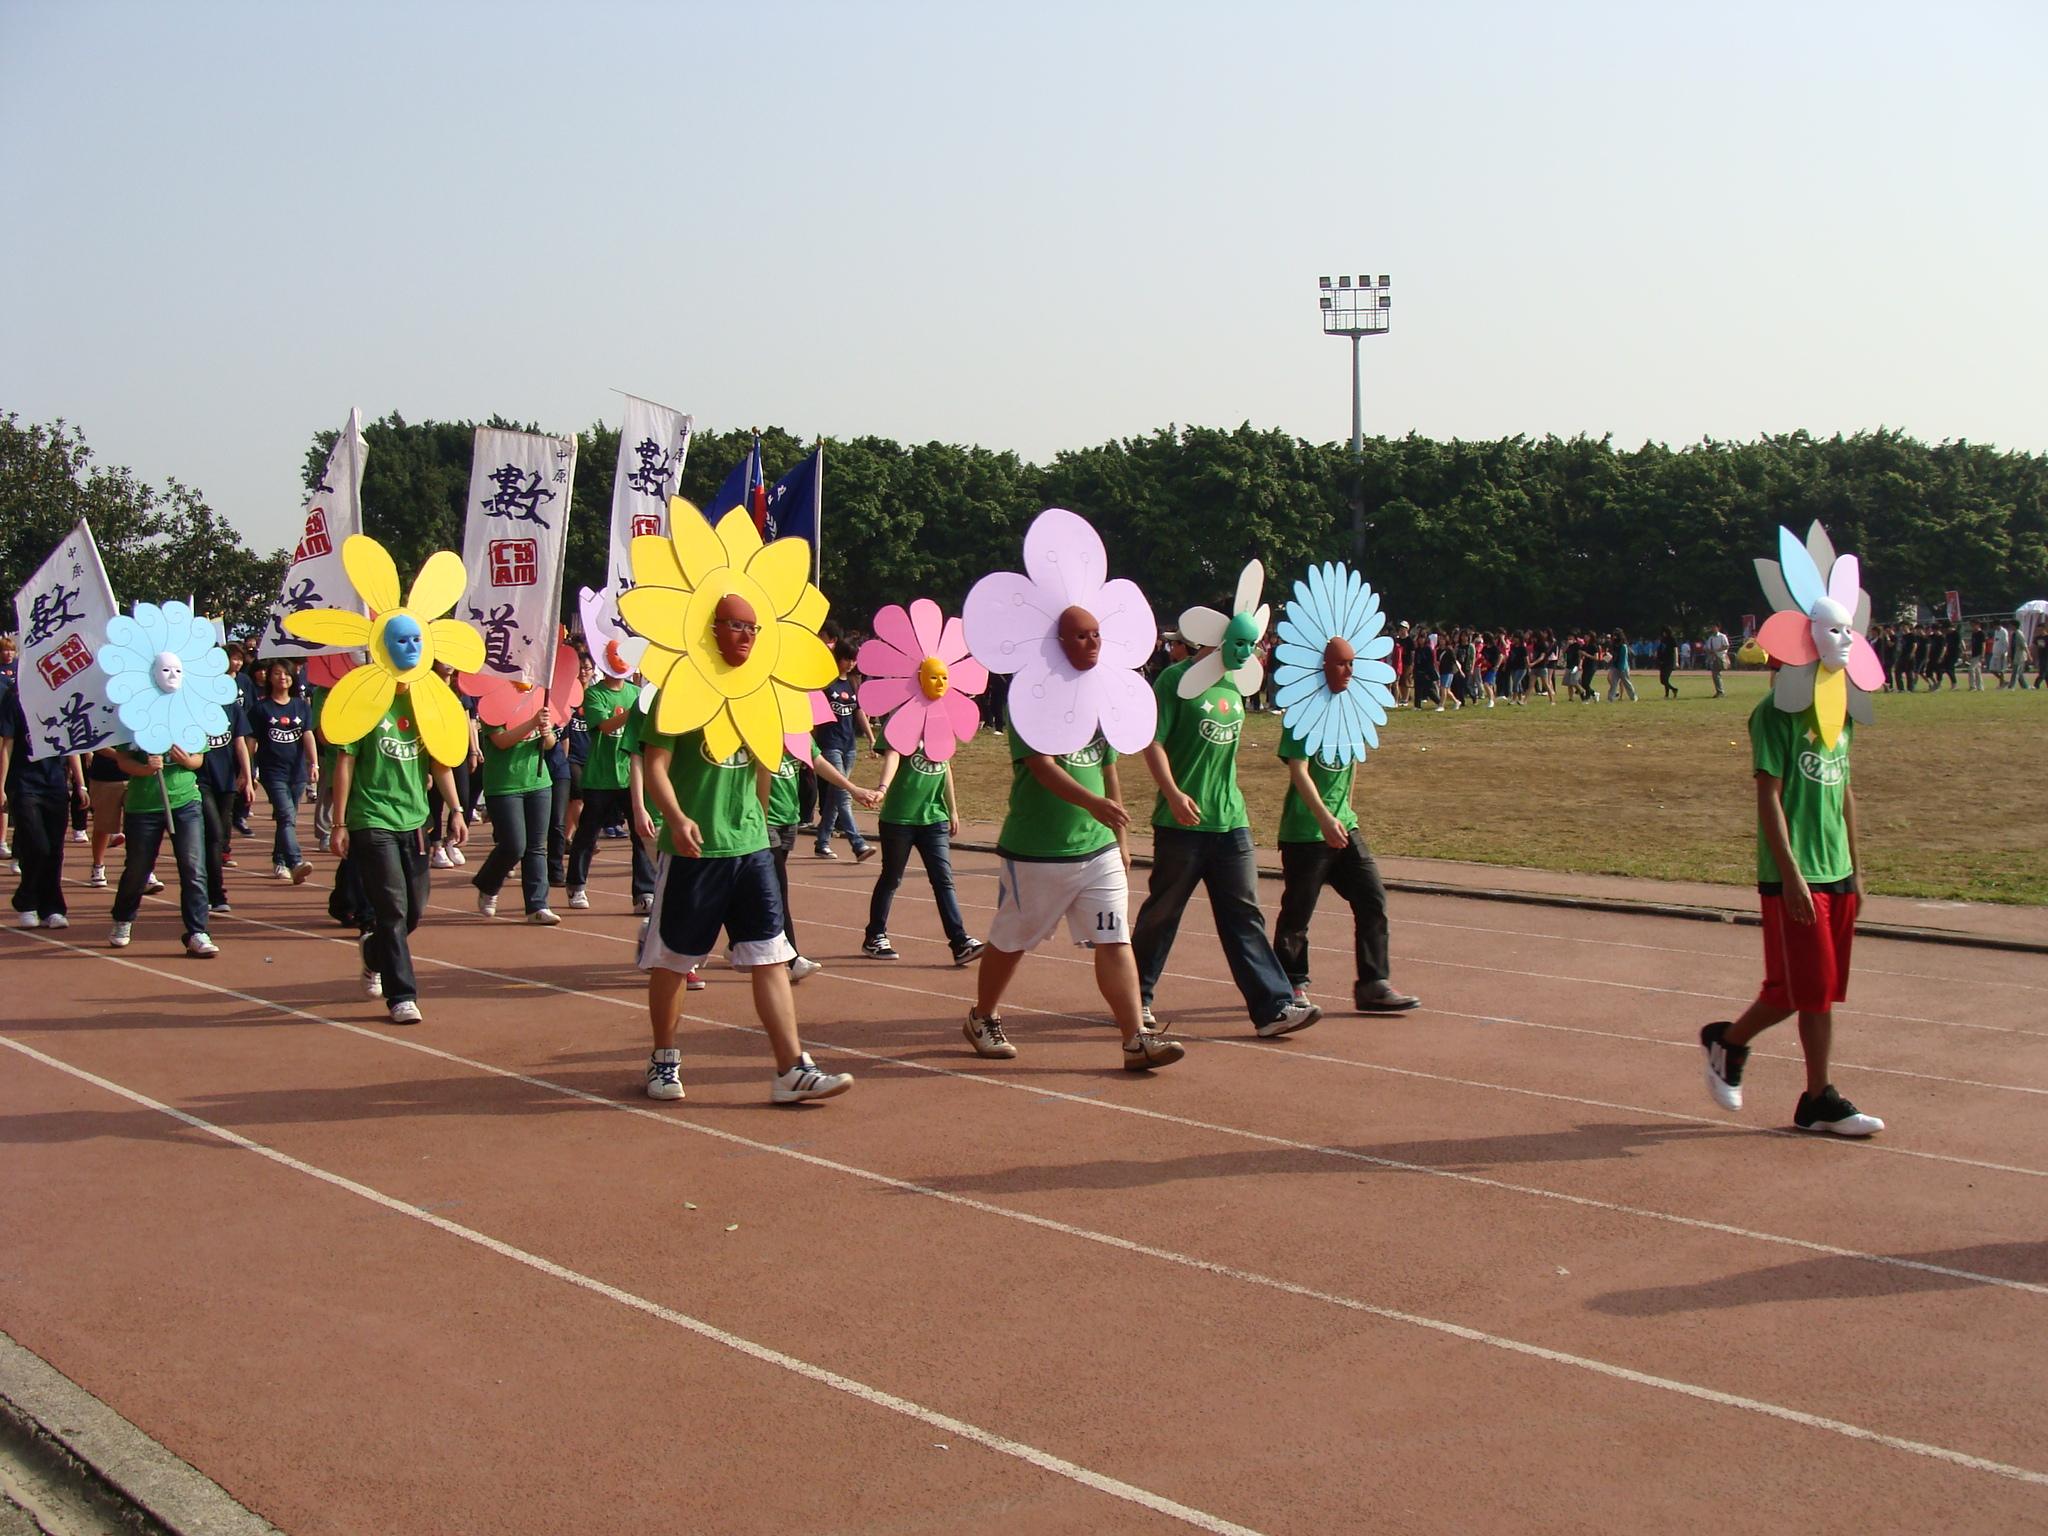 中原大學第54屆運動大會 選手創意繞場吸引全場目光